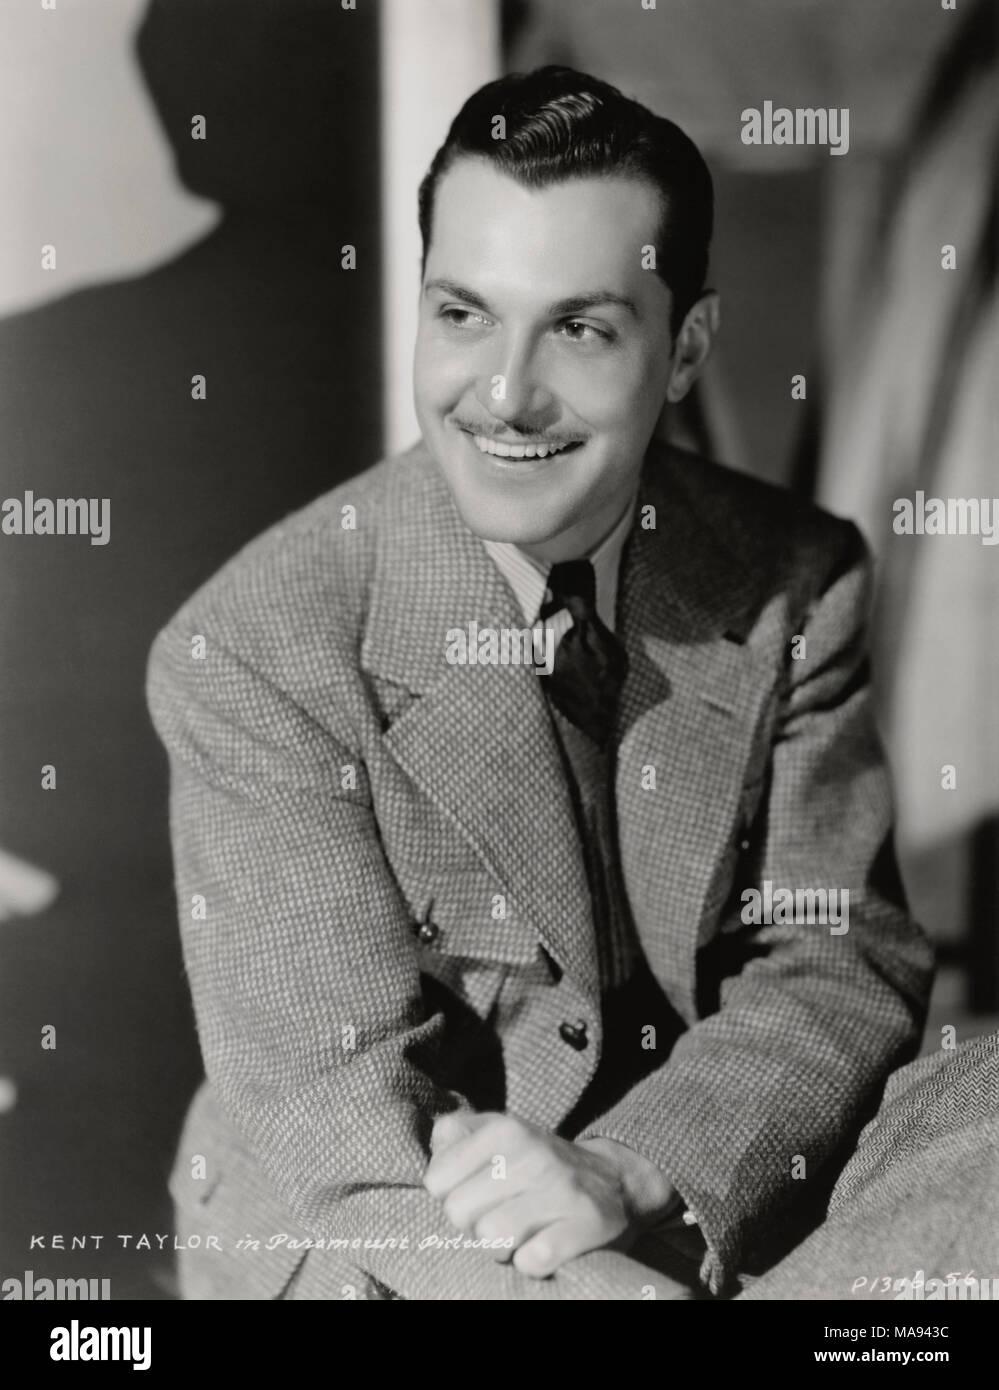 Actor Kent Taylor, Publicity Portrait, Paramount Pictures, 1930's - Stock Image